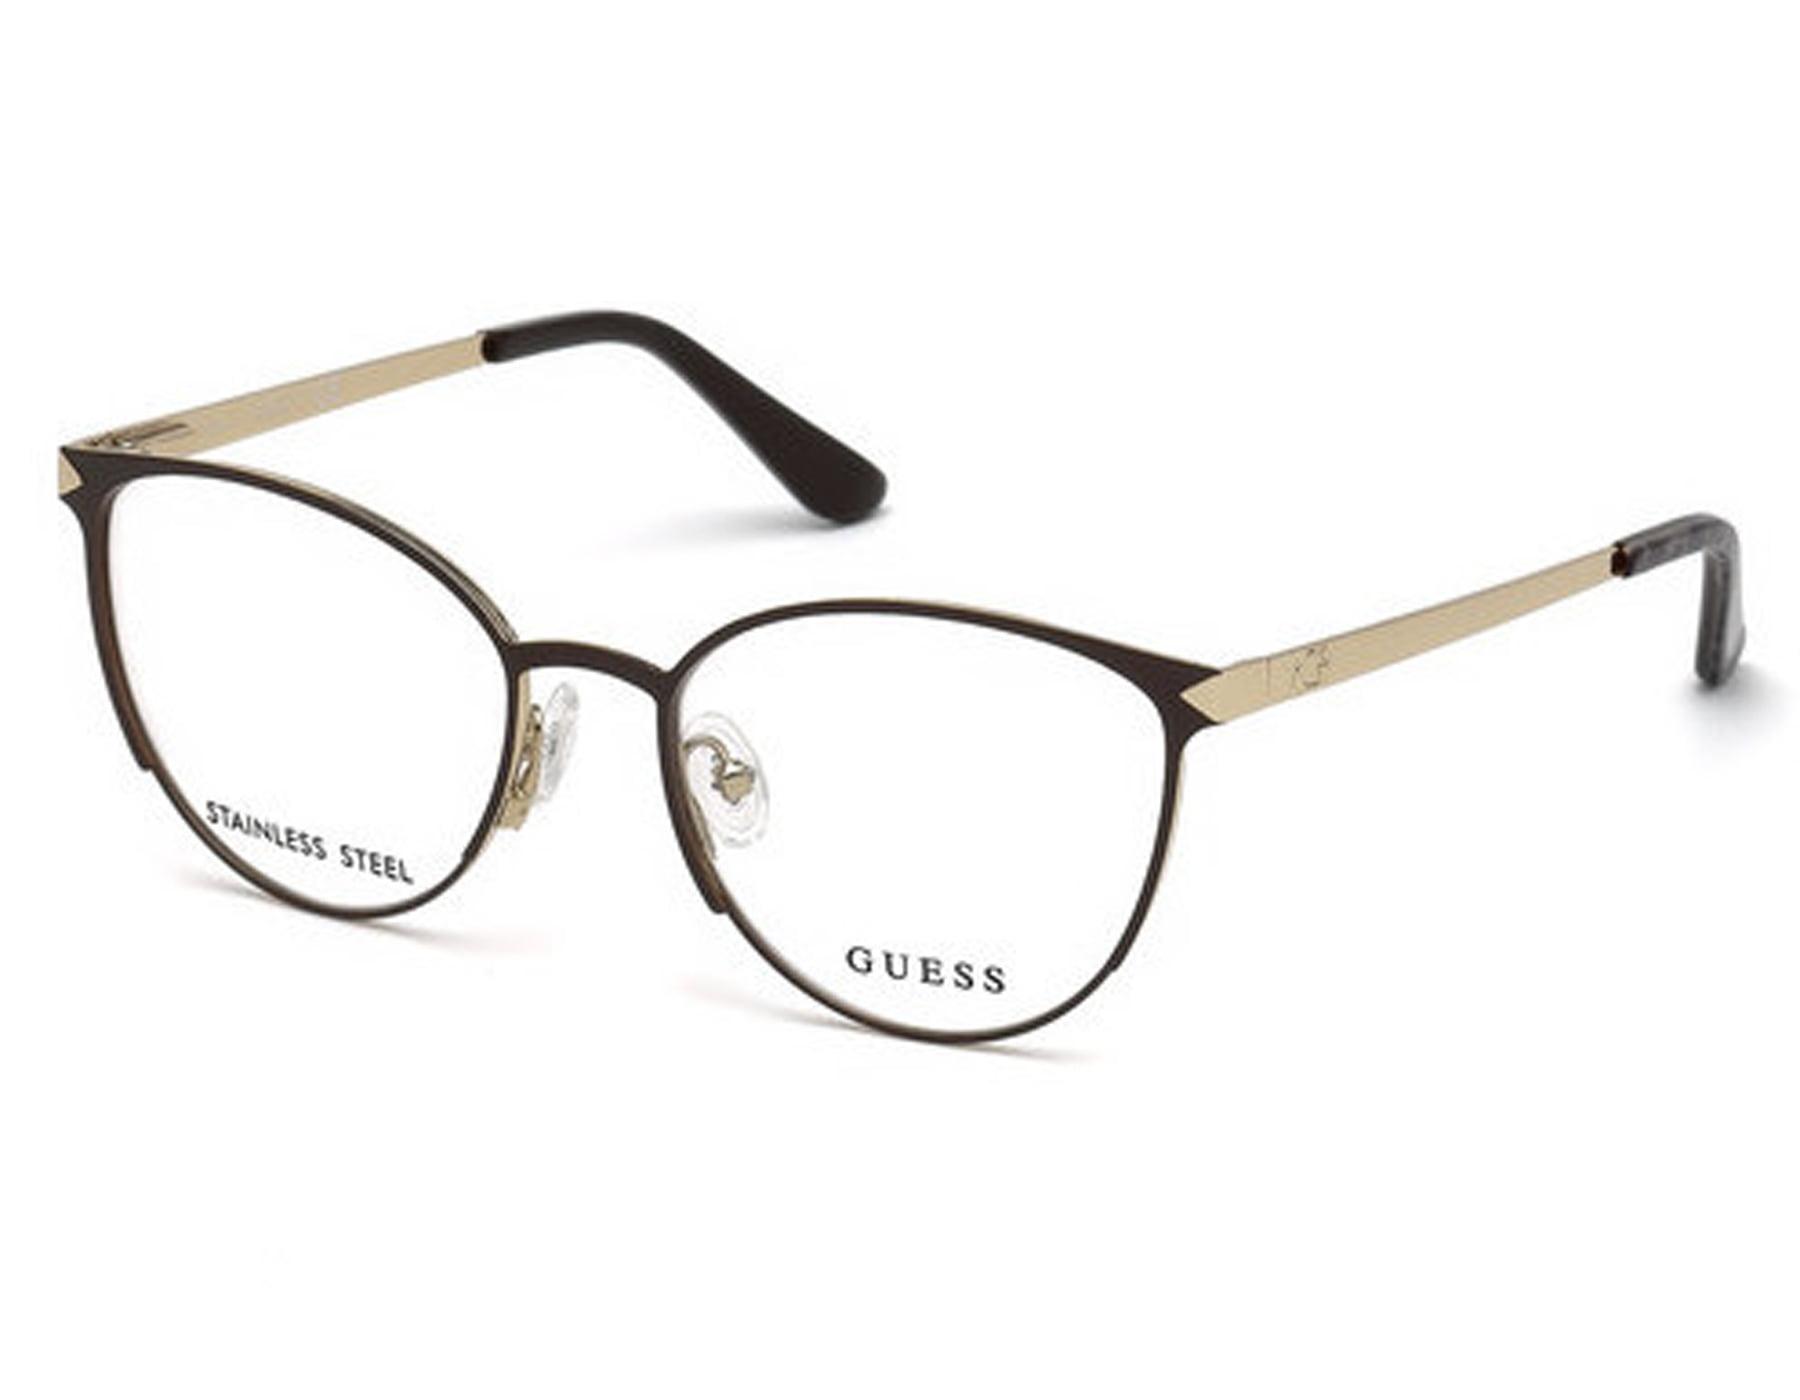 Eyeglasses Guess GU 2731 001 shiny black